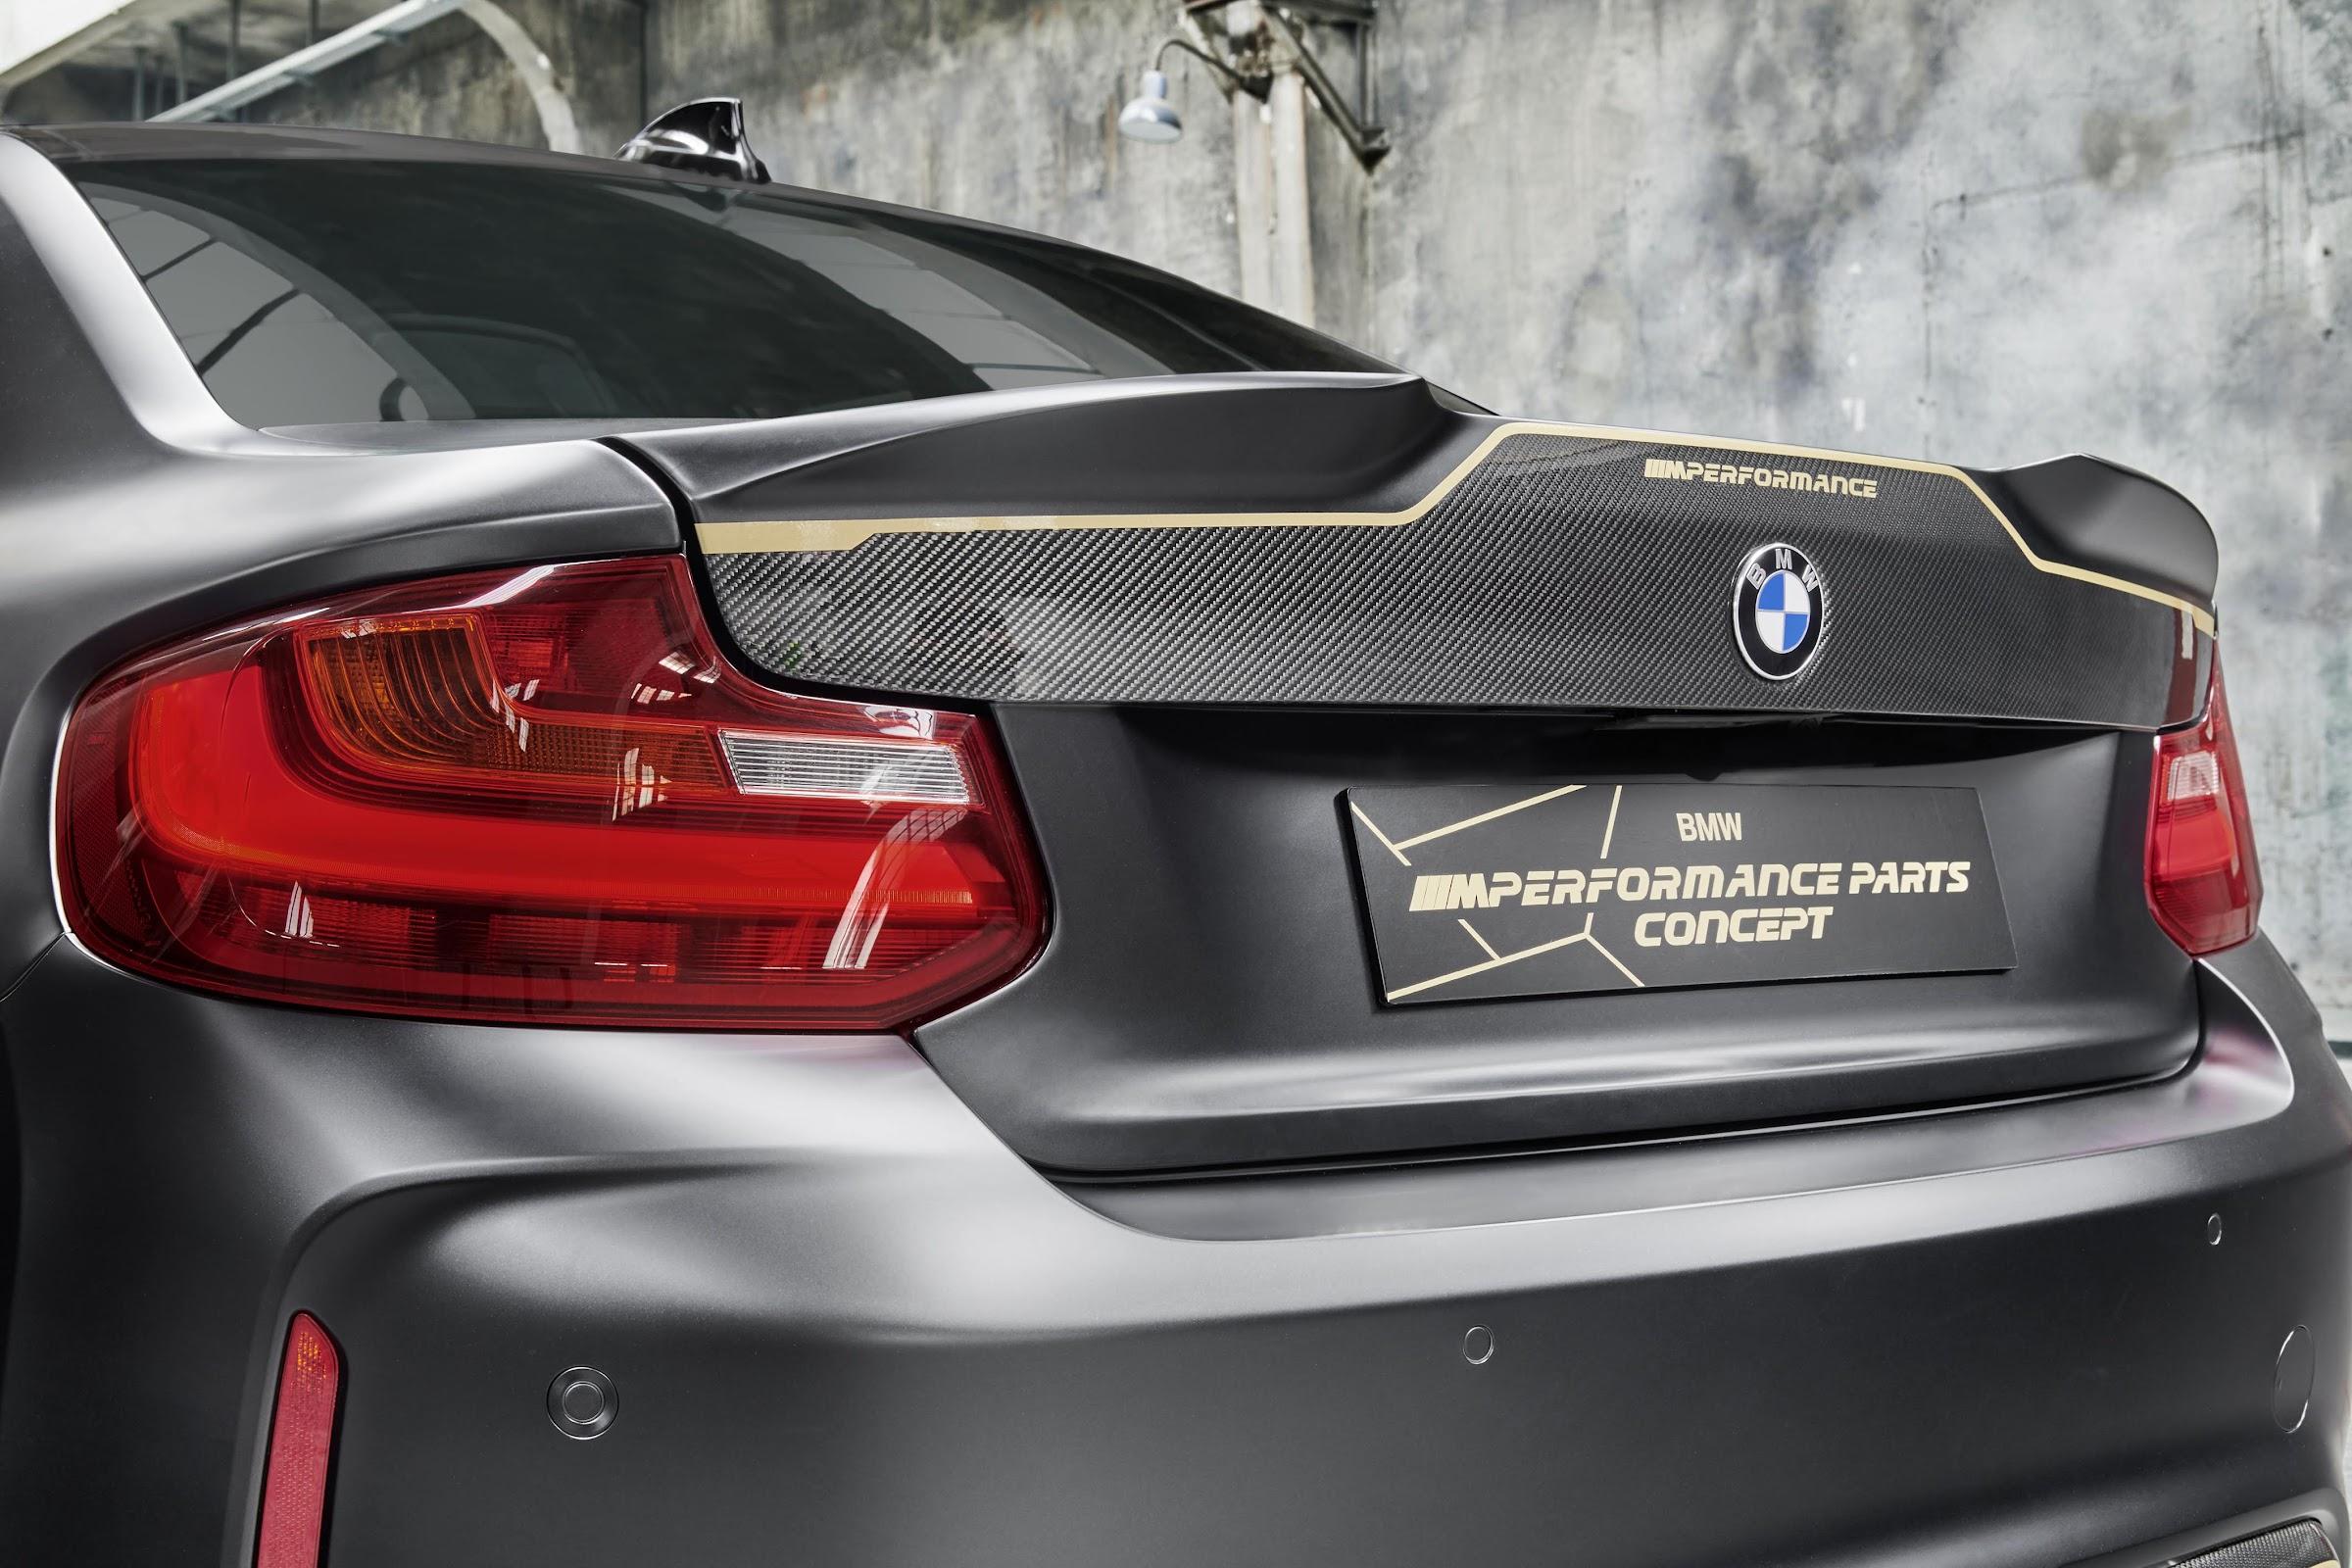 wWFcdQgAPb 8lle3f FRvIB1dojeX6ItceJtsgwjn9gpjlRLTg1sIkXKDIQCXBkIFEeDA0PpRlcZPO7nuFveVTdJJeXTBcf6DSjaUJgueTd1ZlJ tK03Wi1KglY RvR iyjIfujiLg=w2400 - Nuevo BMW M Performance Parts Concept